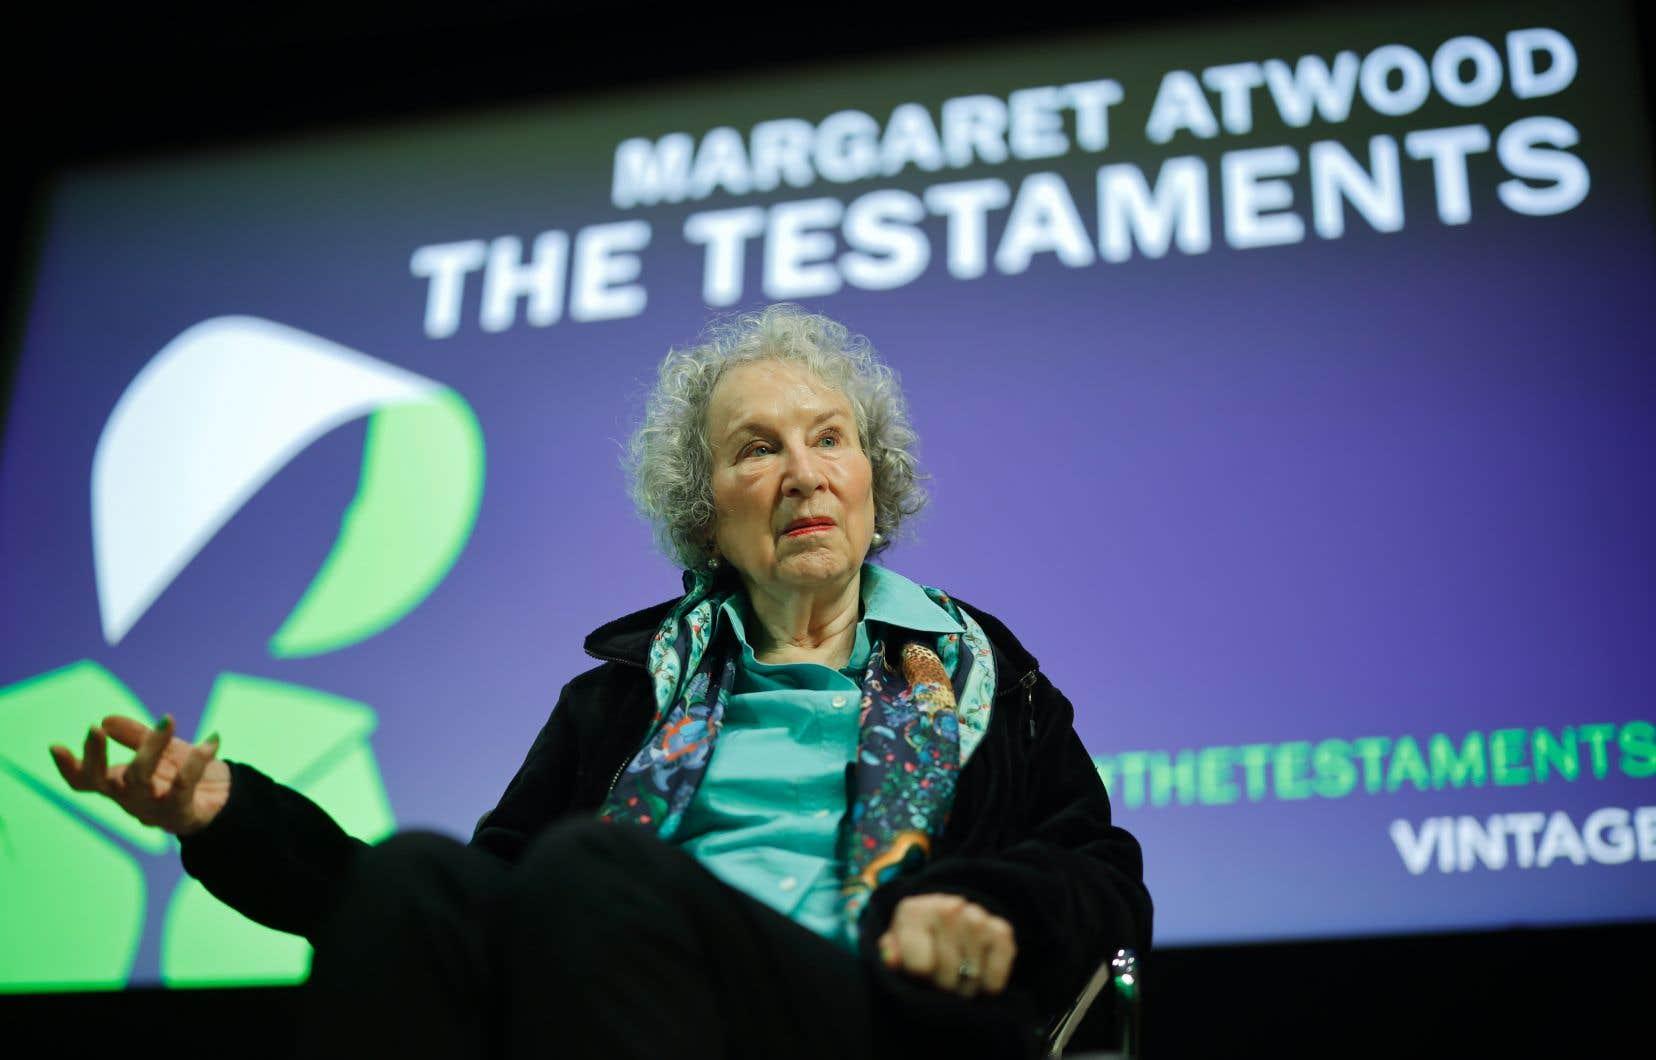 Déjà couronnée il y a 19 ans, la romancière et poétesse canadienne Margaret Atwood est cette fois récompensée pour «Les Testaments».